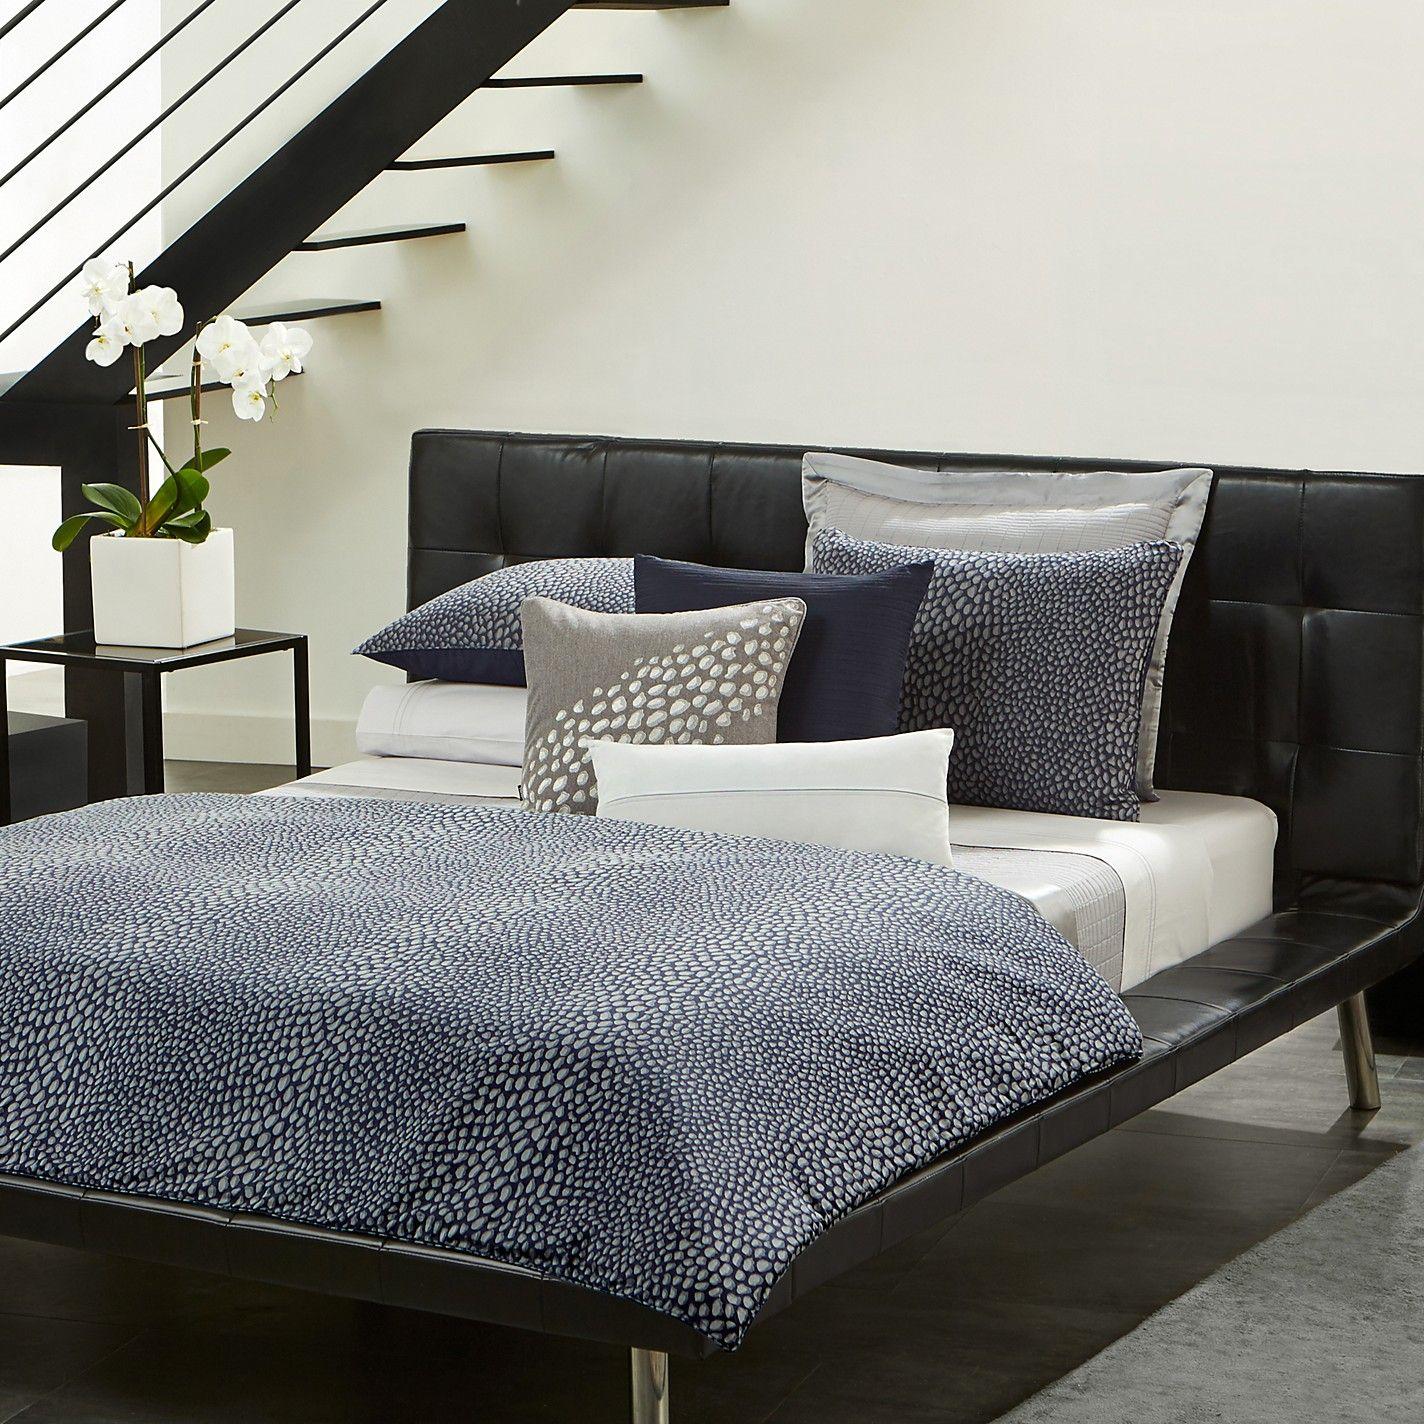 Hugo Boss Ocelot Duvet Cover Home, Duvet covers, Home decor